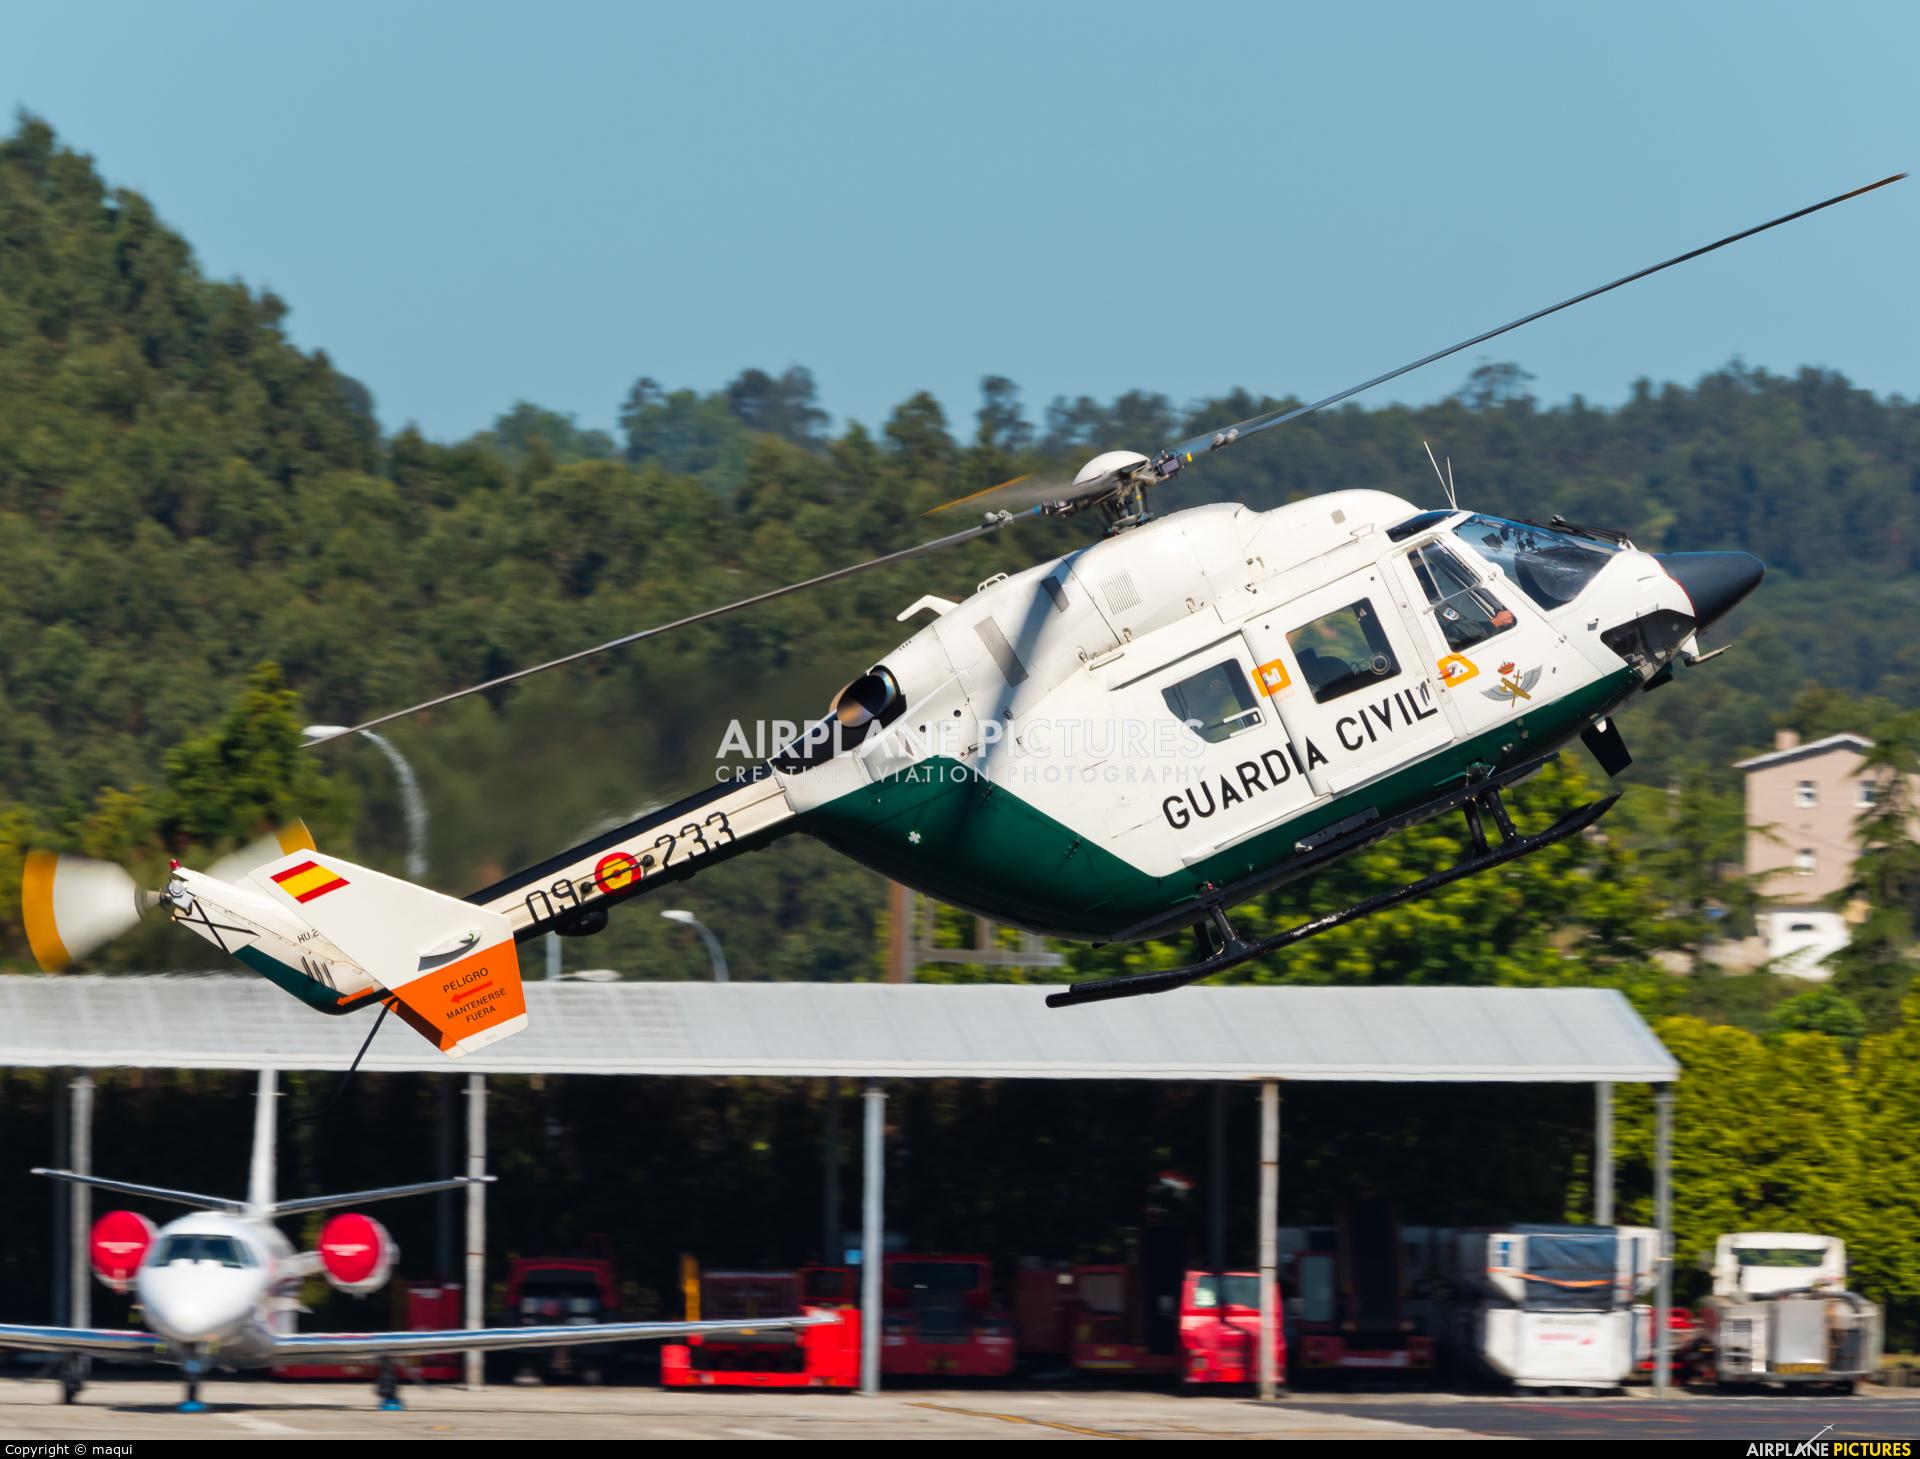 Spain - Guardia Civil HU.22-07 aircraft at La Coruña